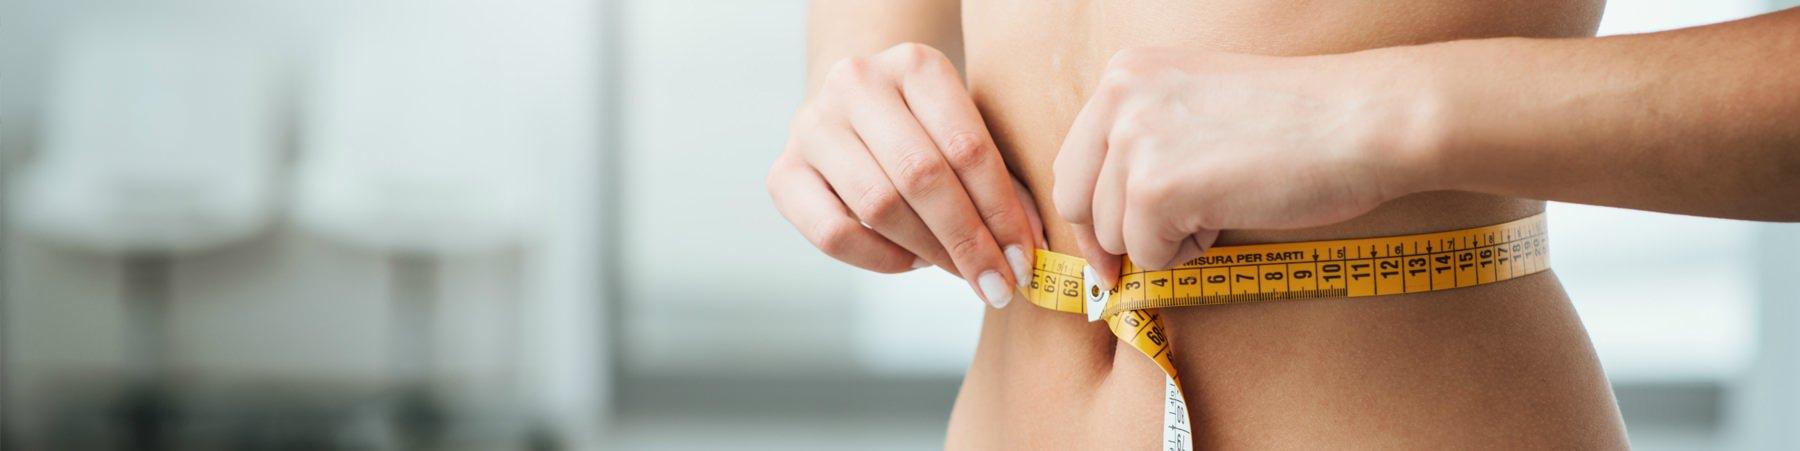 nih raccomanda la perdita di peso ad un tasso disney